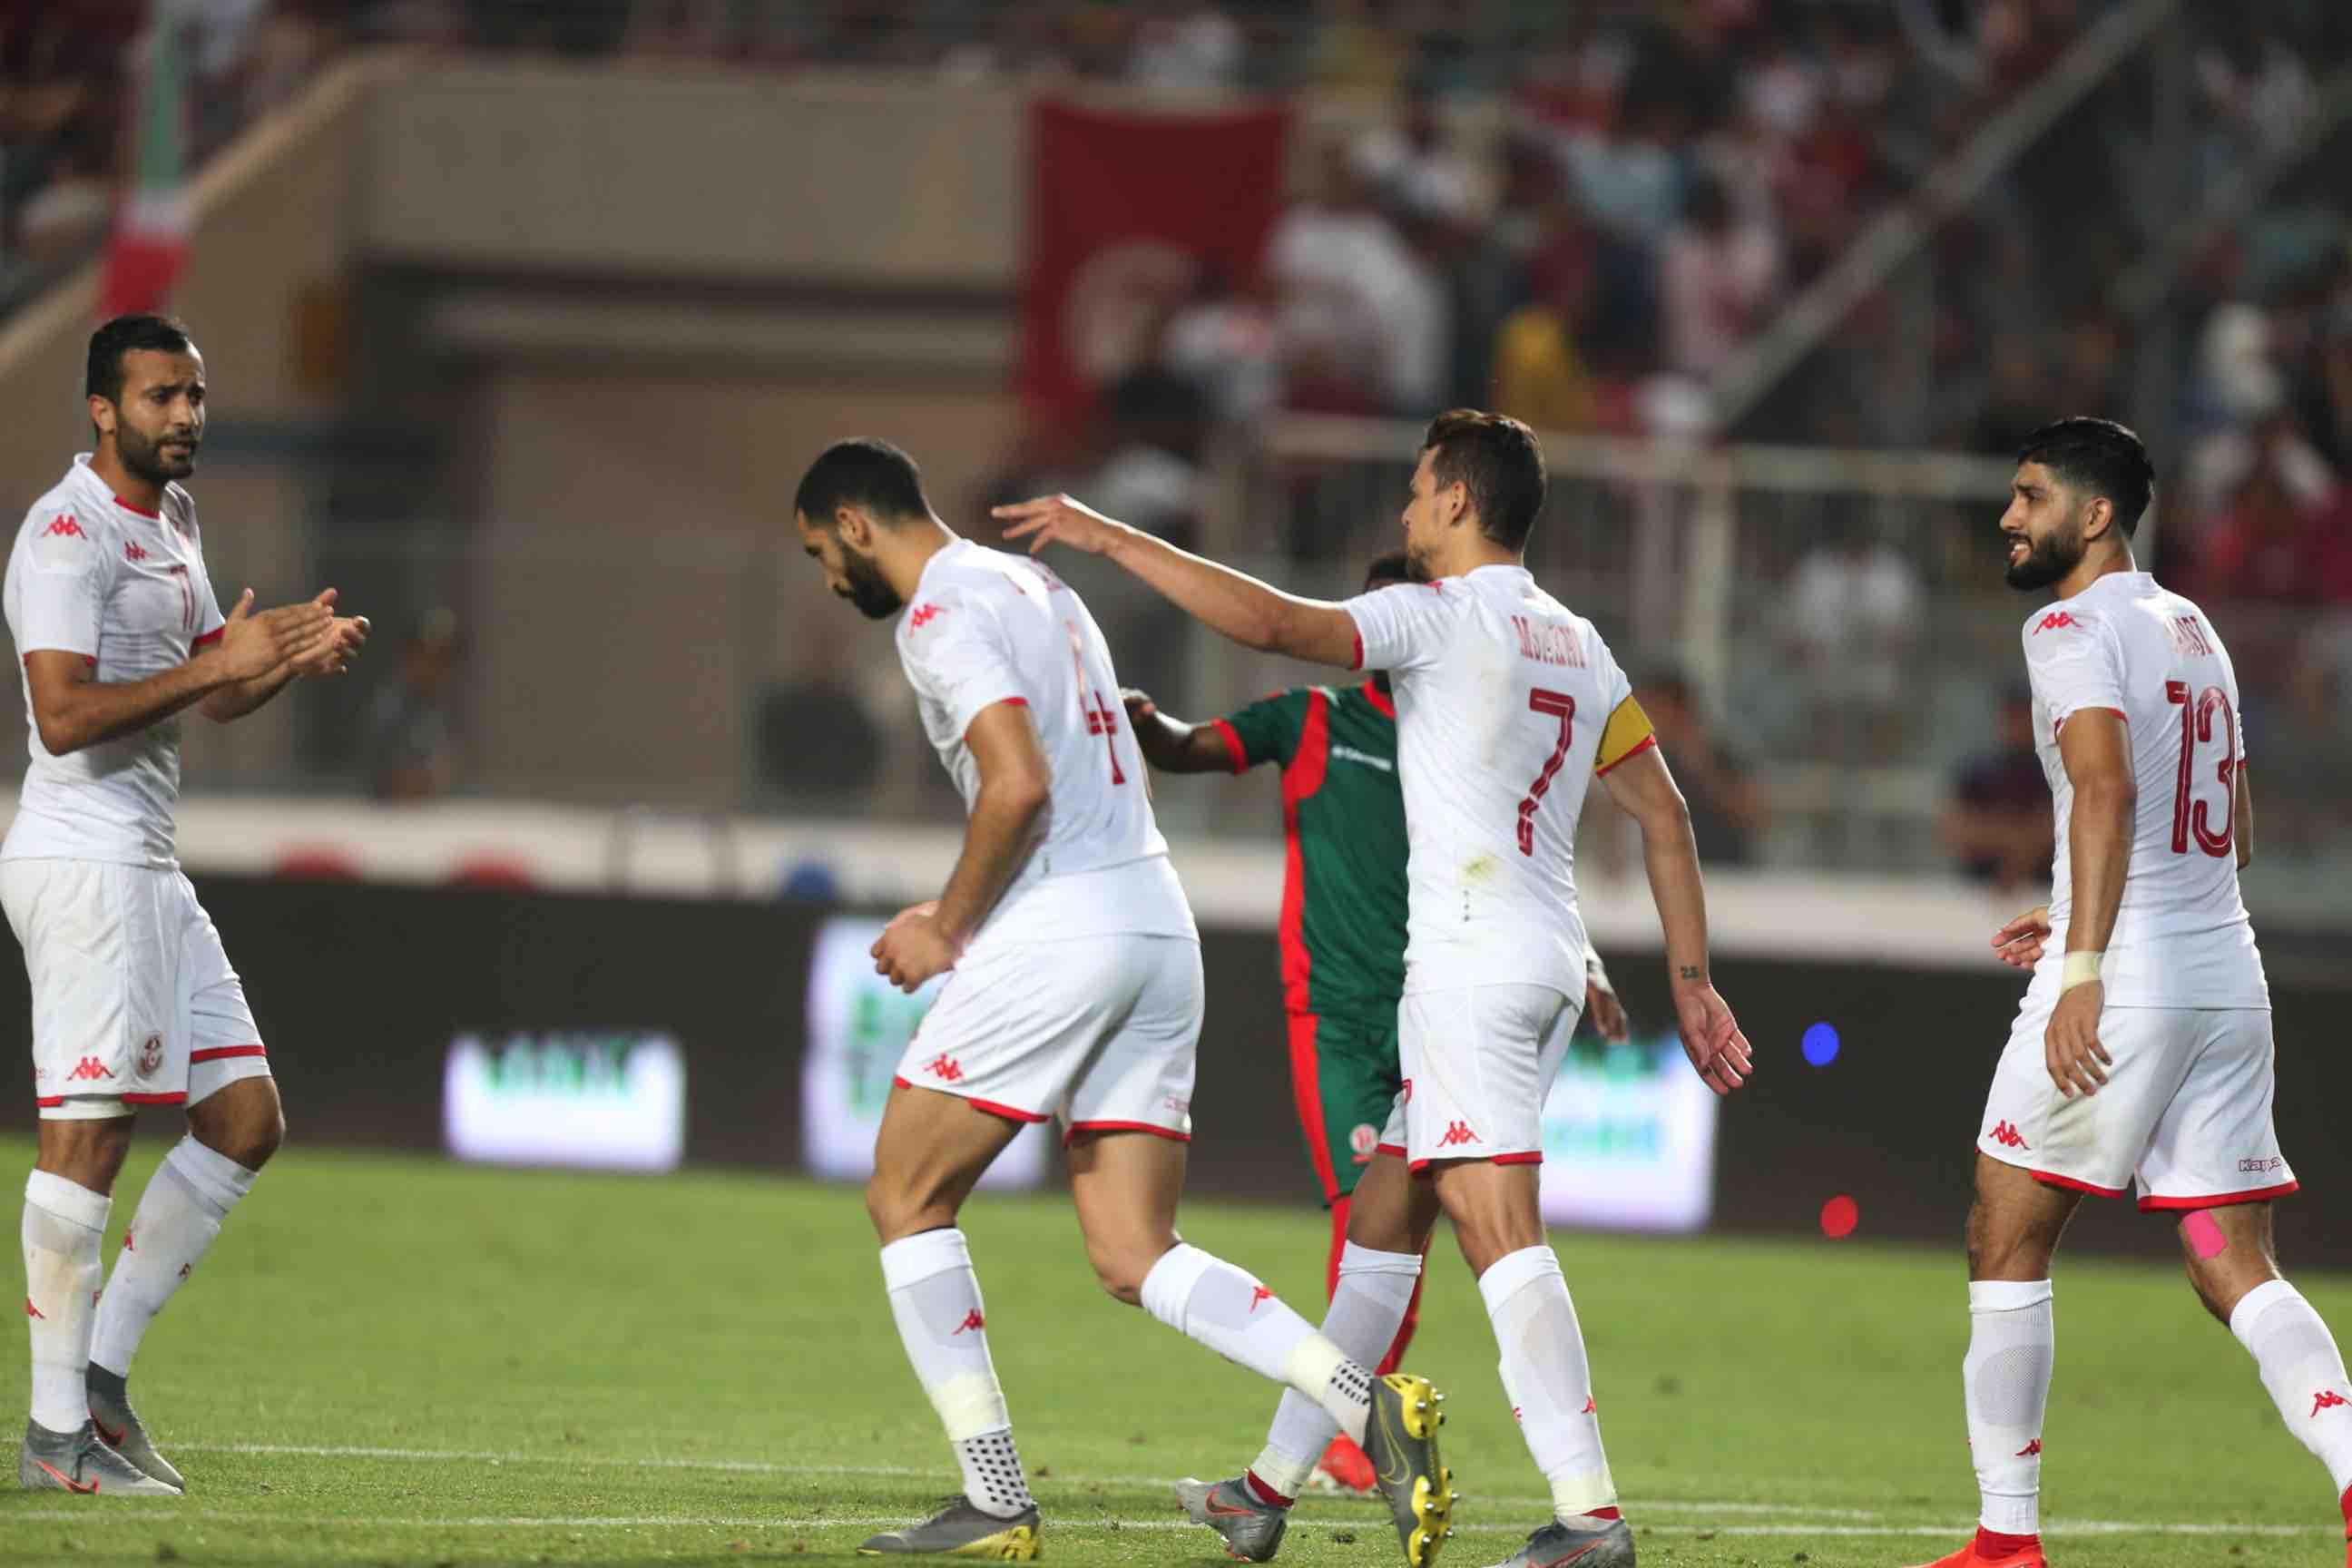 بعد 70 مباراة في الكان: تونس تتساوى في عدد الأهداف المقبولة والمدفوعة